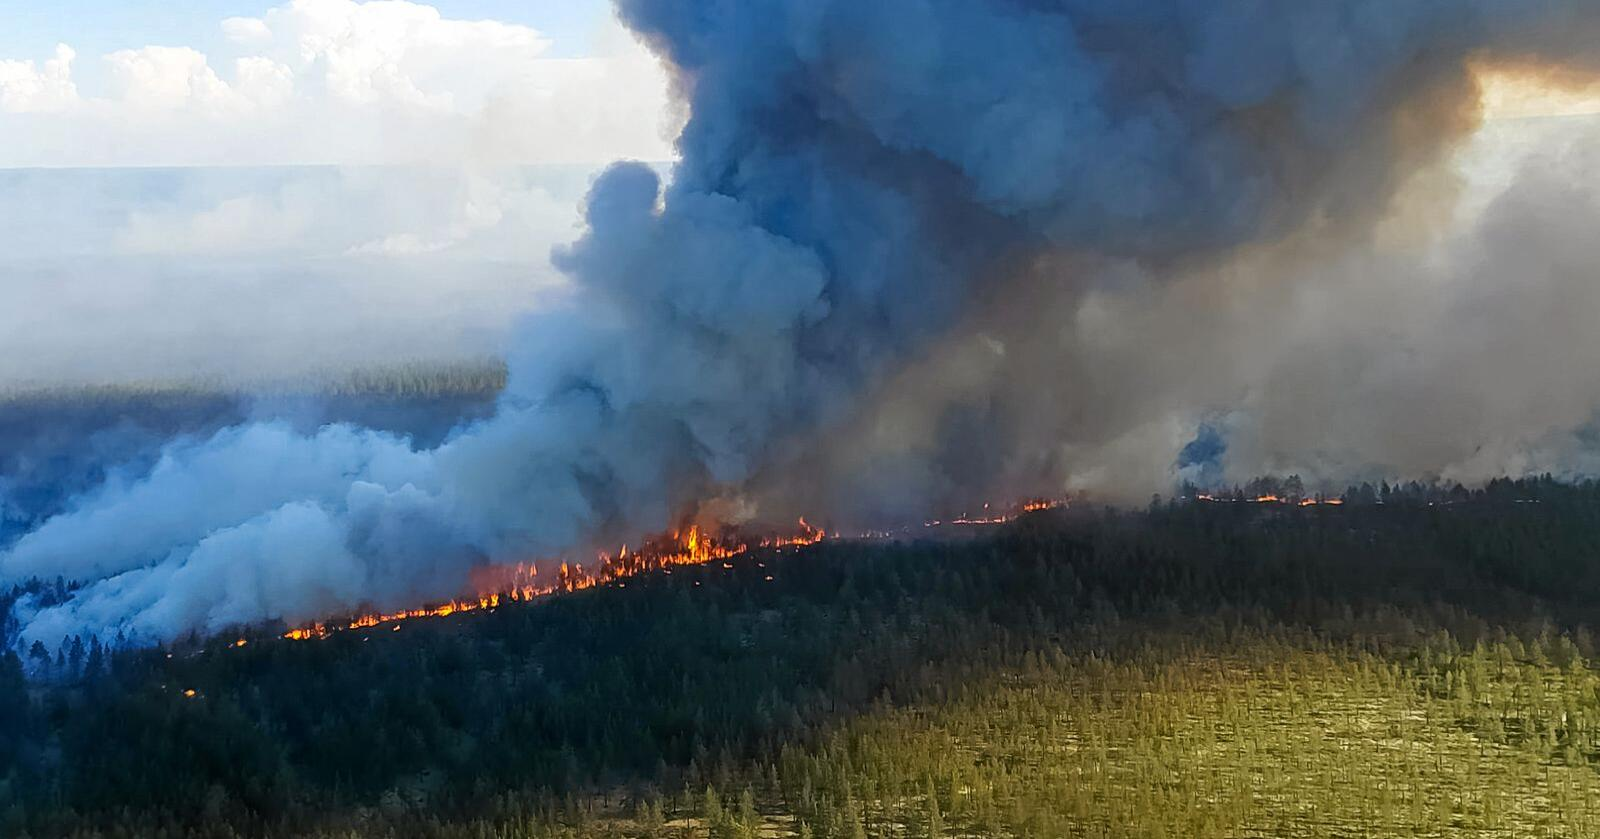 Eksperter mener varmen og skogbrannene i Sibir er verre enn normalt på grunn av klimaendringer. Foto: Luidmila Yagovitina / Mostphotos